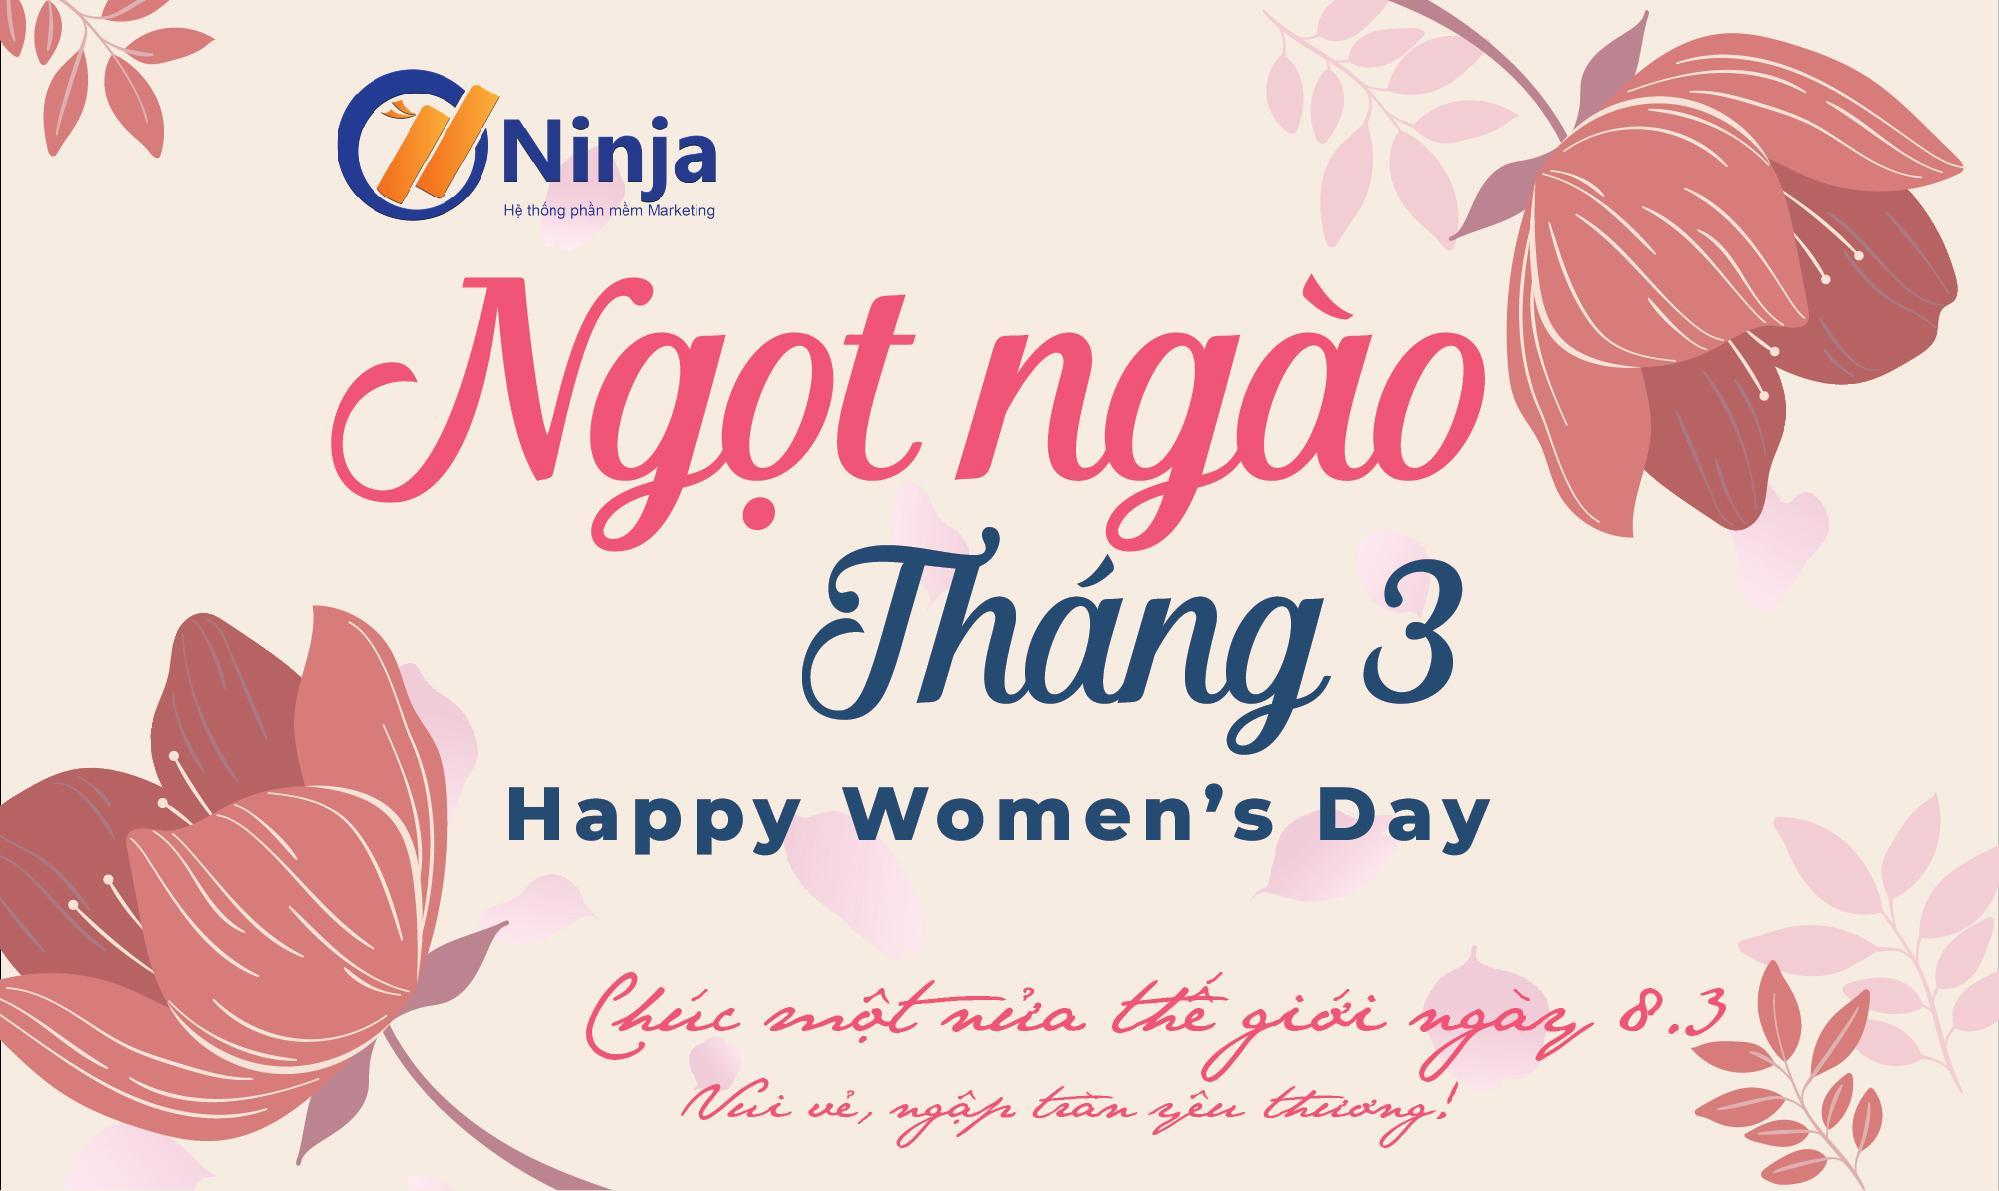 7c360a580a36f168a827 Phần mềm Ninja: Ngọt ngào chương trình Kỉ niệm ngày Quốc tế phụ nữ 8.3